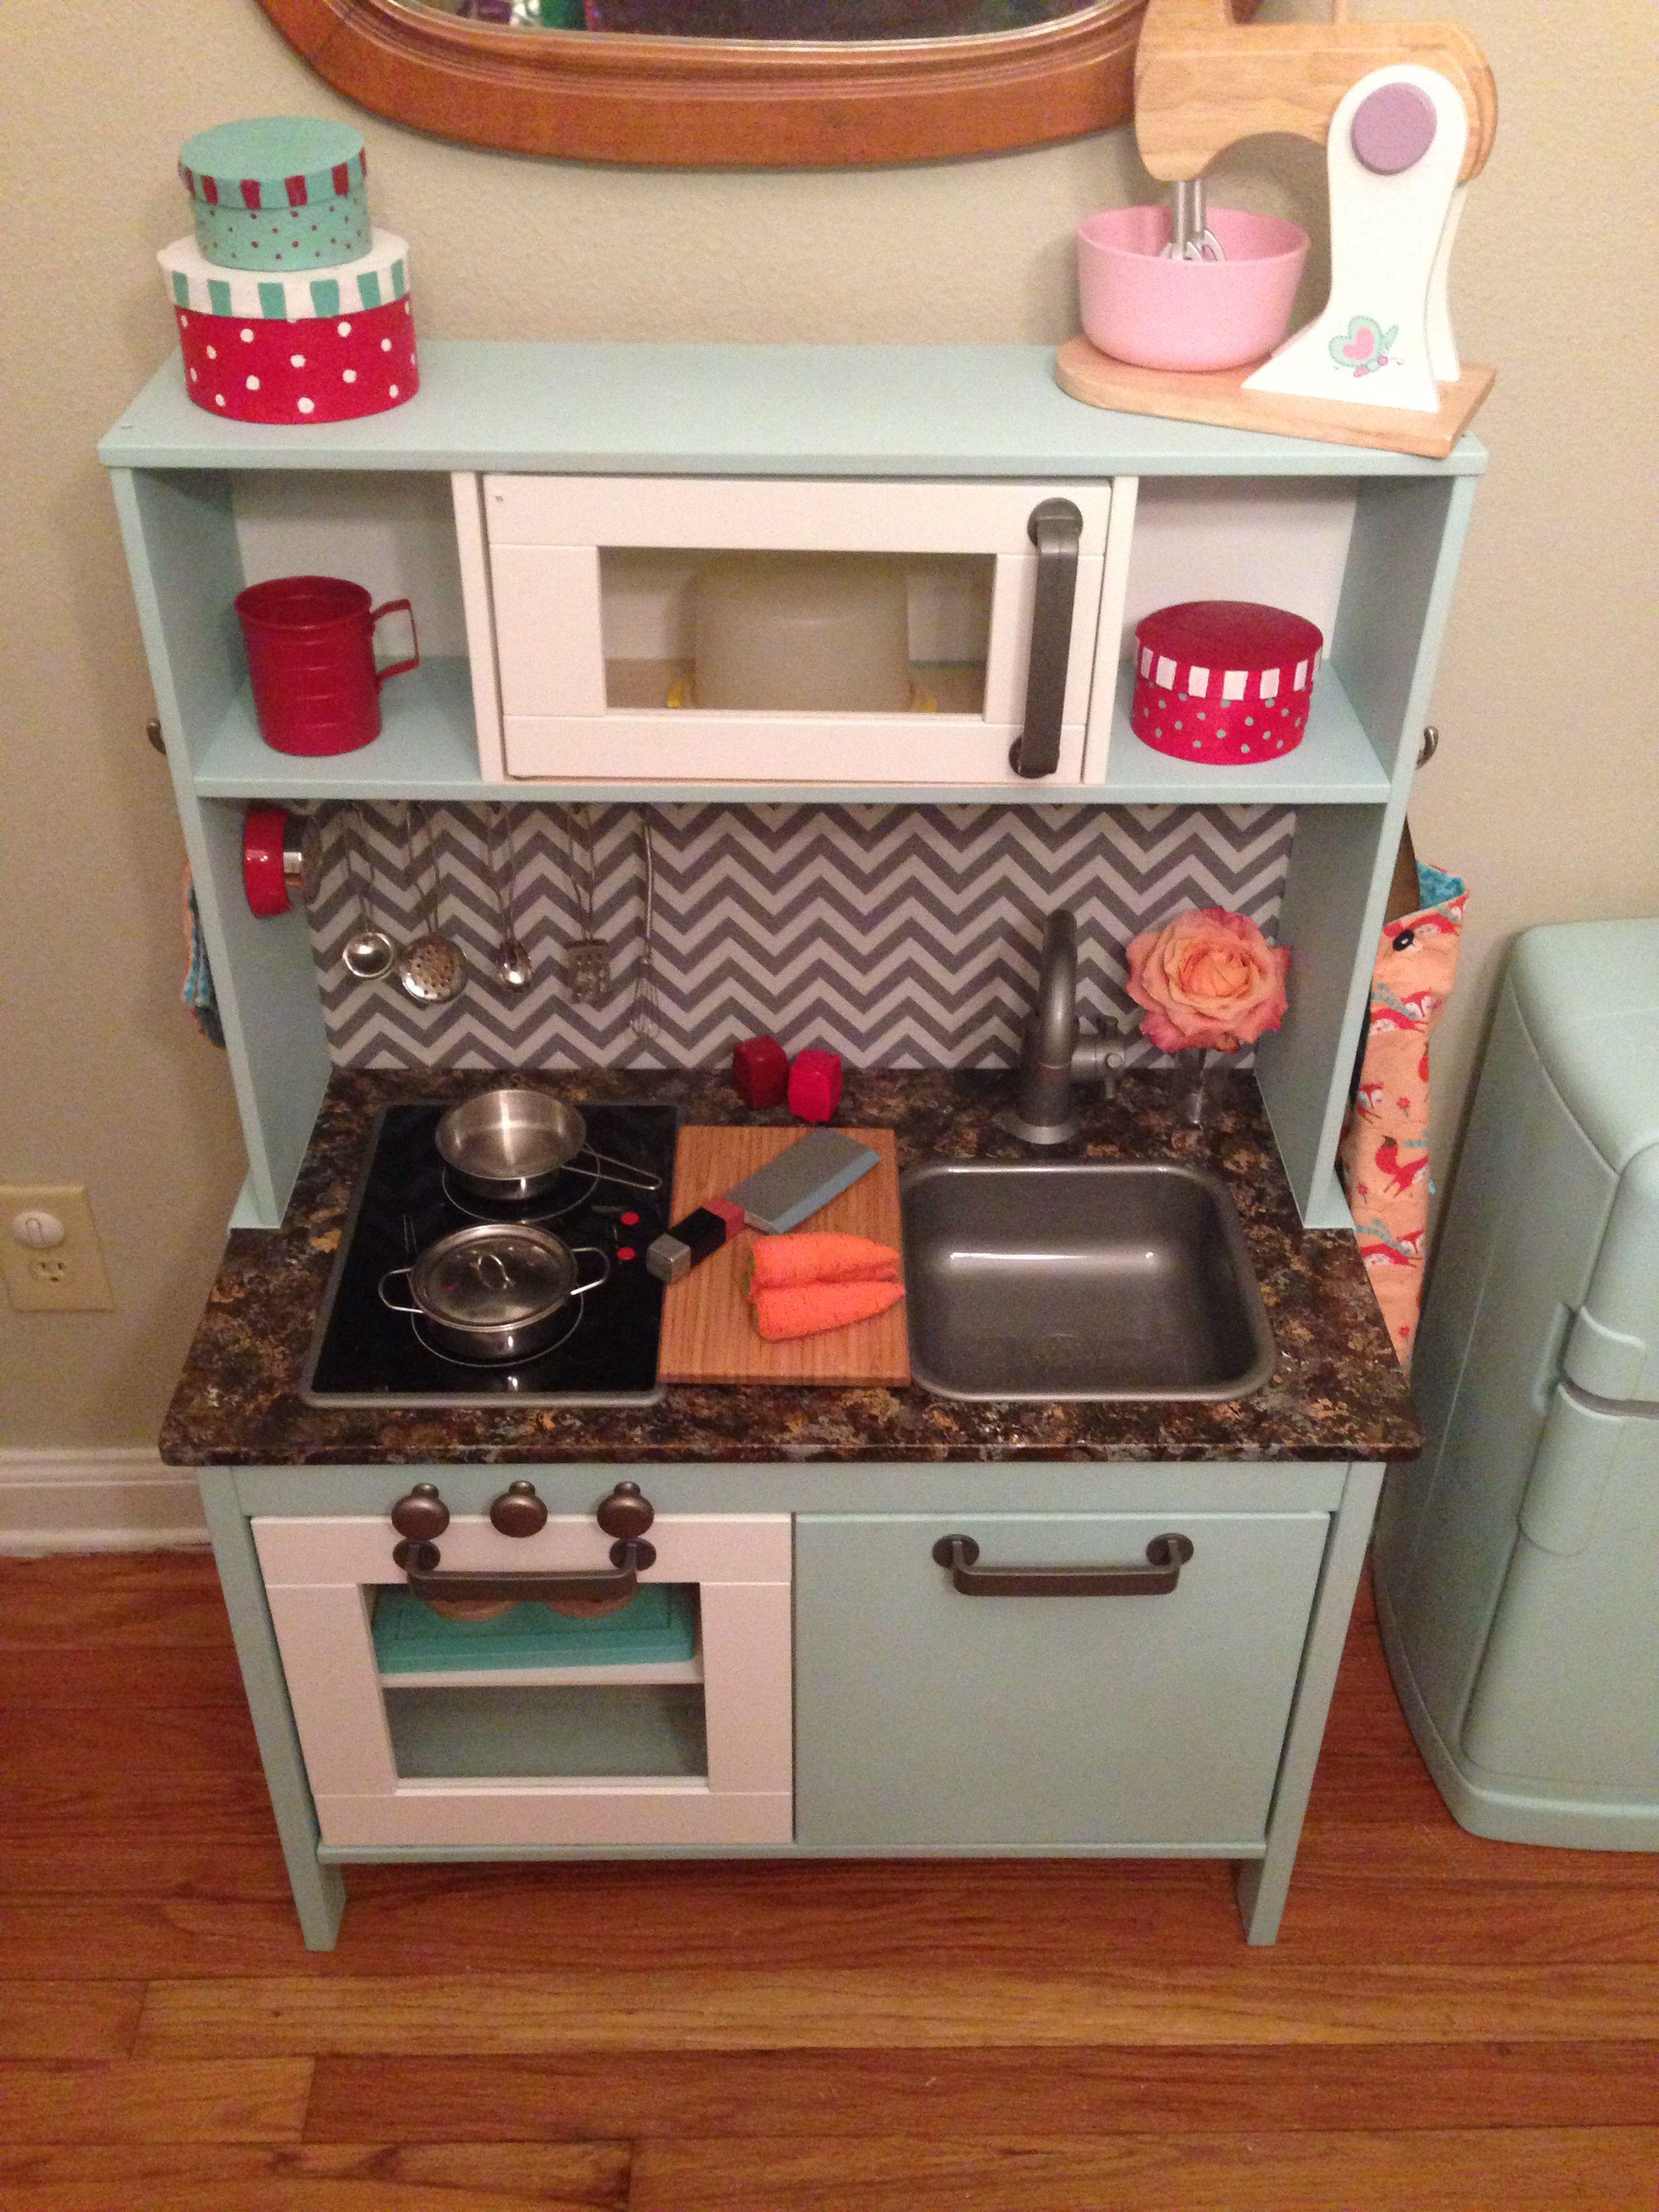 1000 images about ikea duktig kitchen hack on pinterest. Black Bedroom Furniture Sets. Home Design Ideas